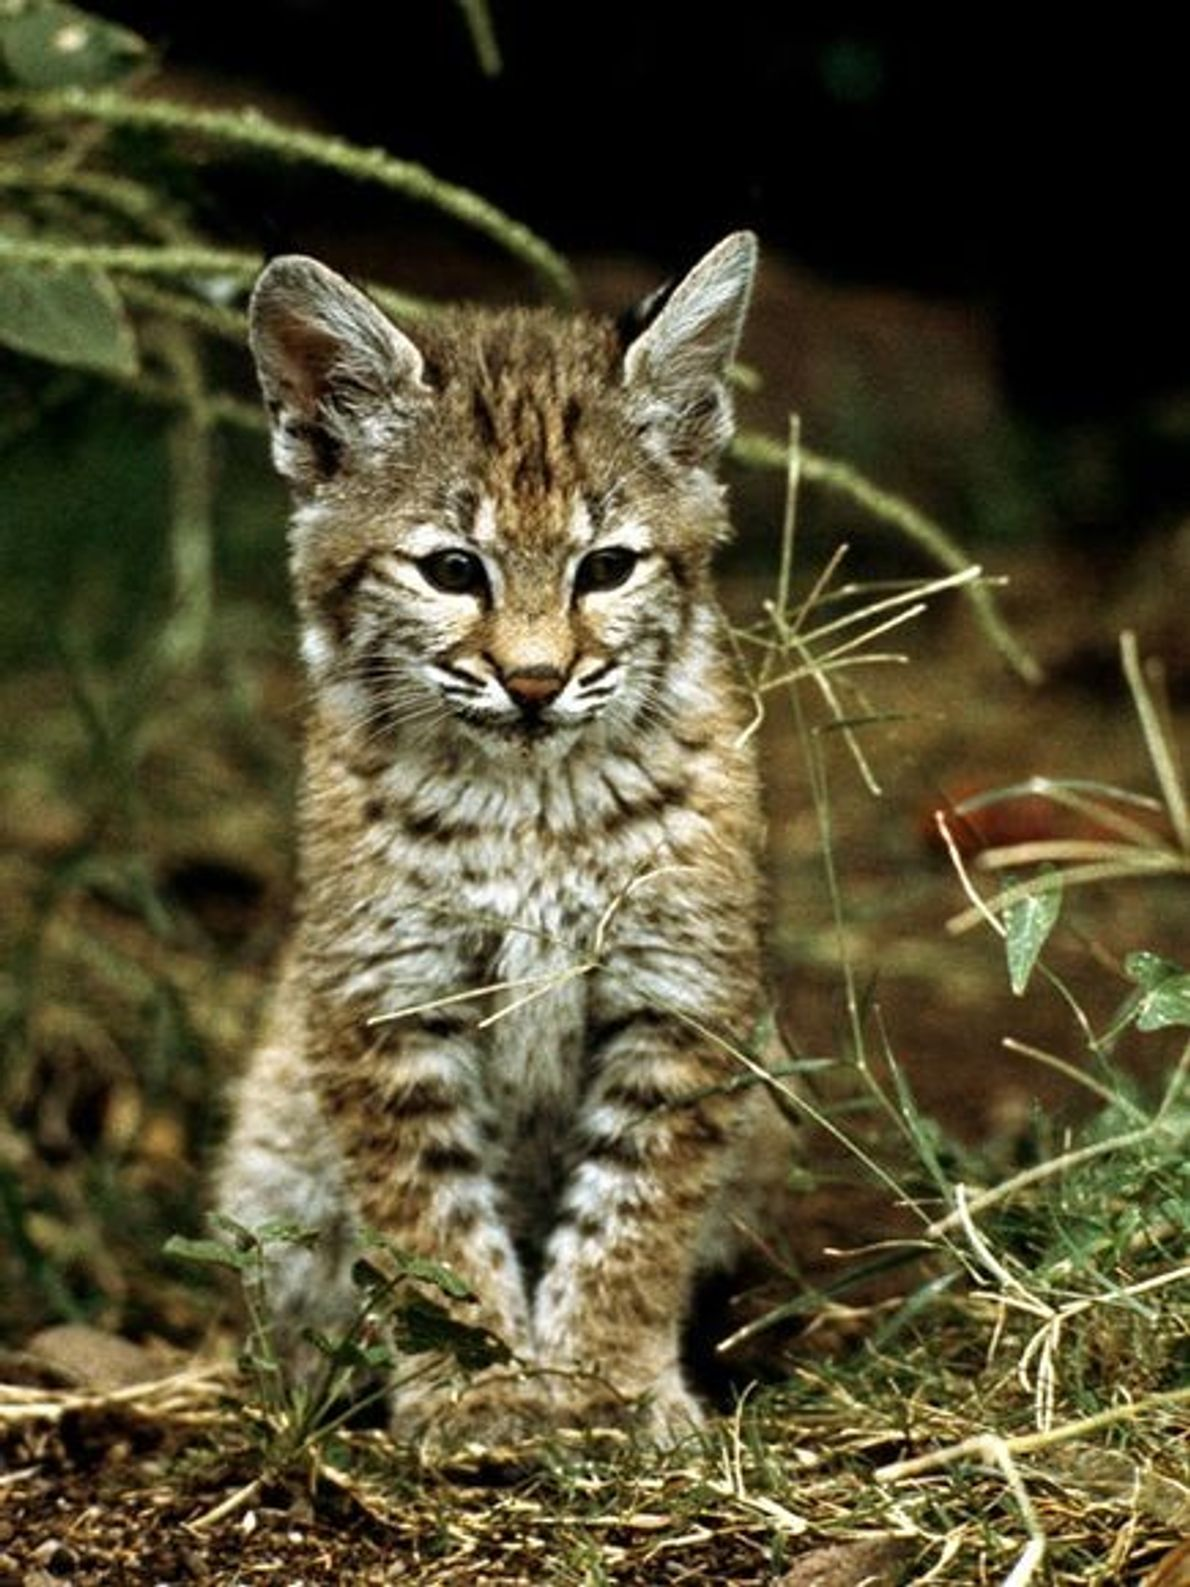 Cría de gato montés en su hábitat natural